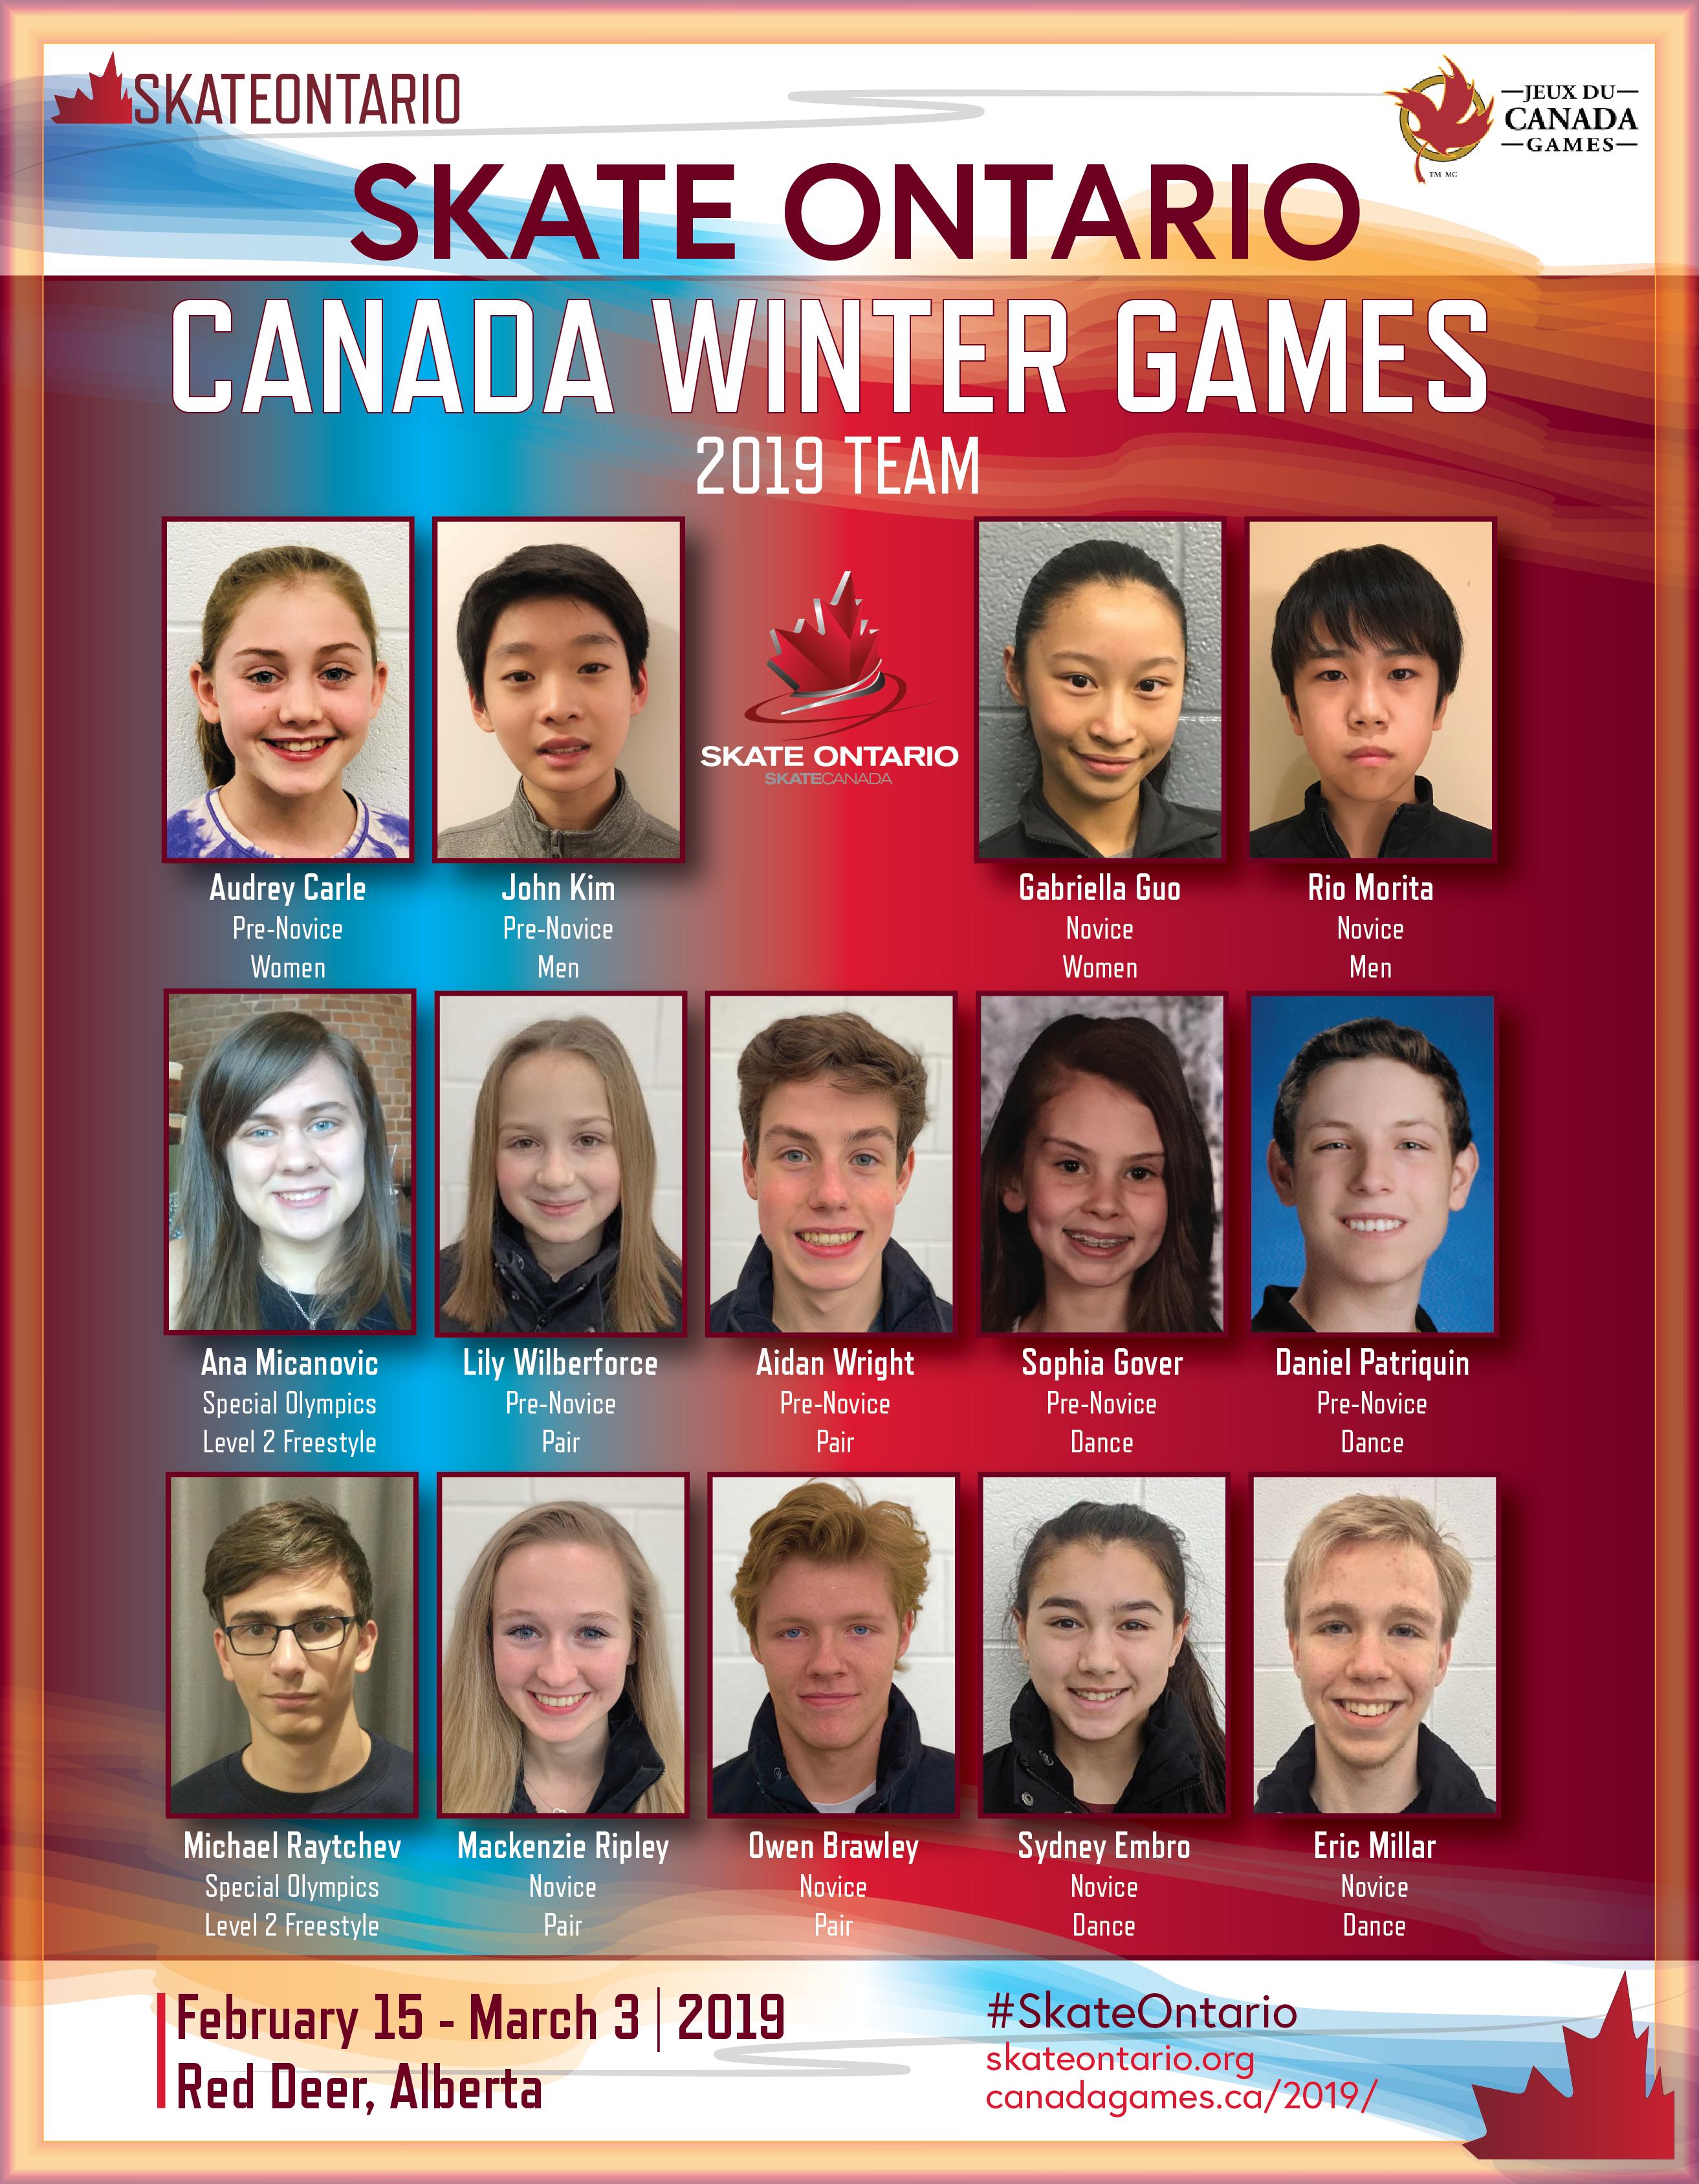 Skate Ontario 2019 CWG Team